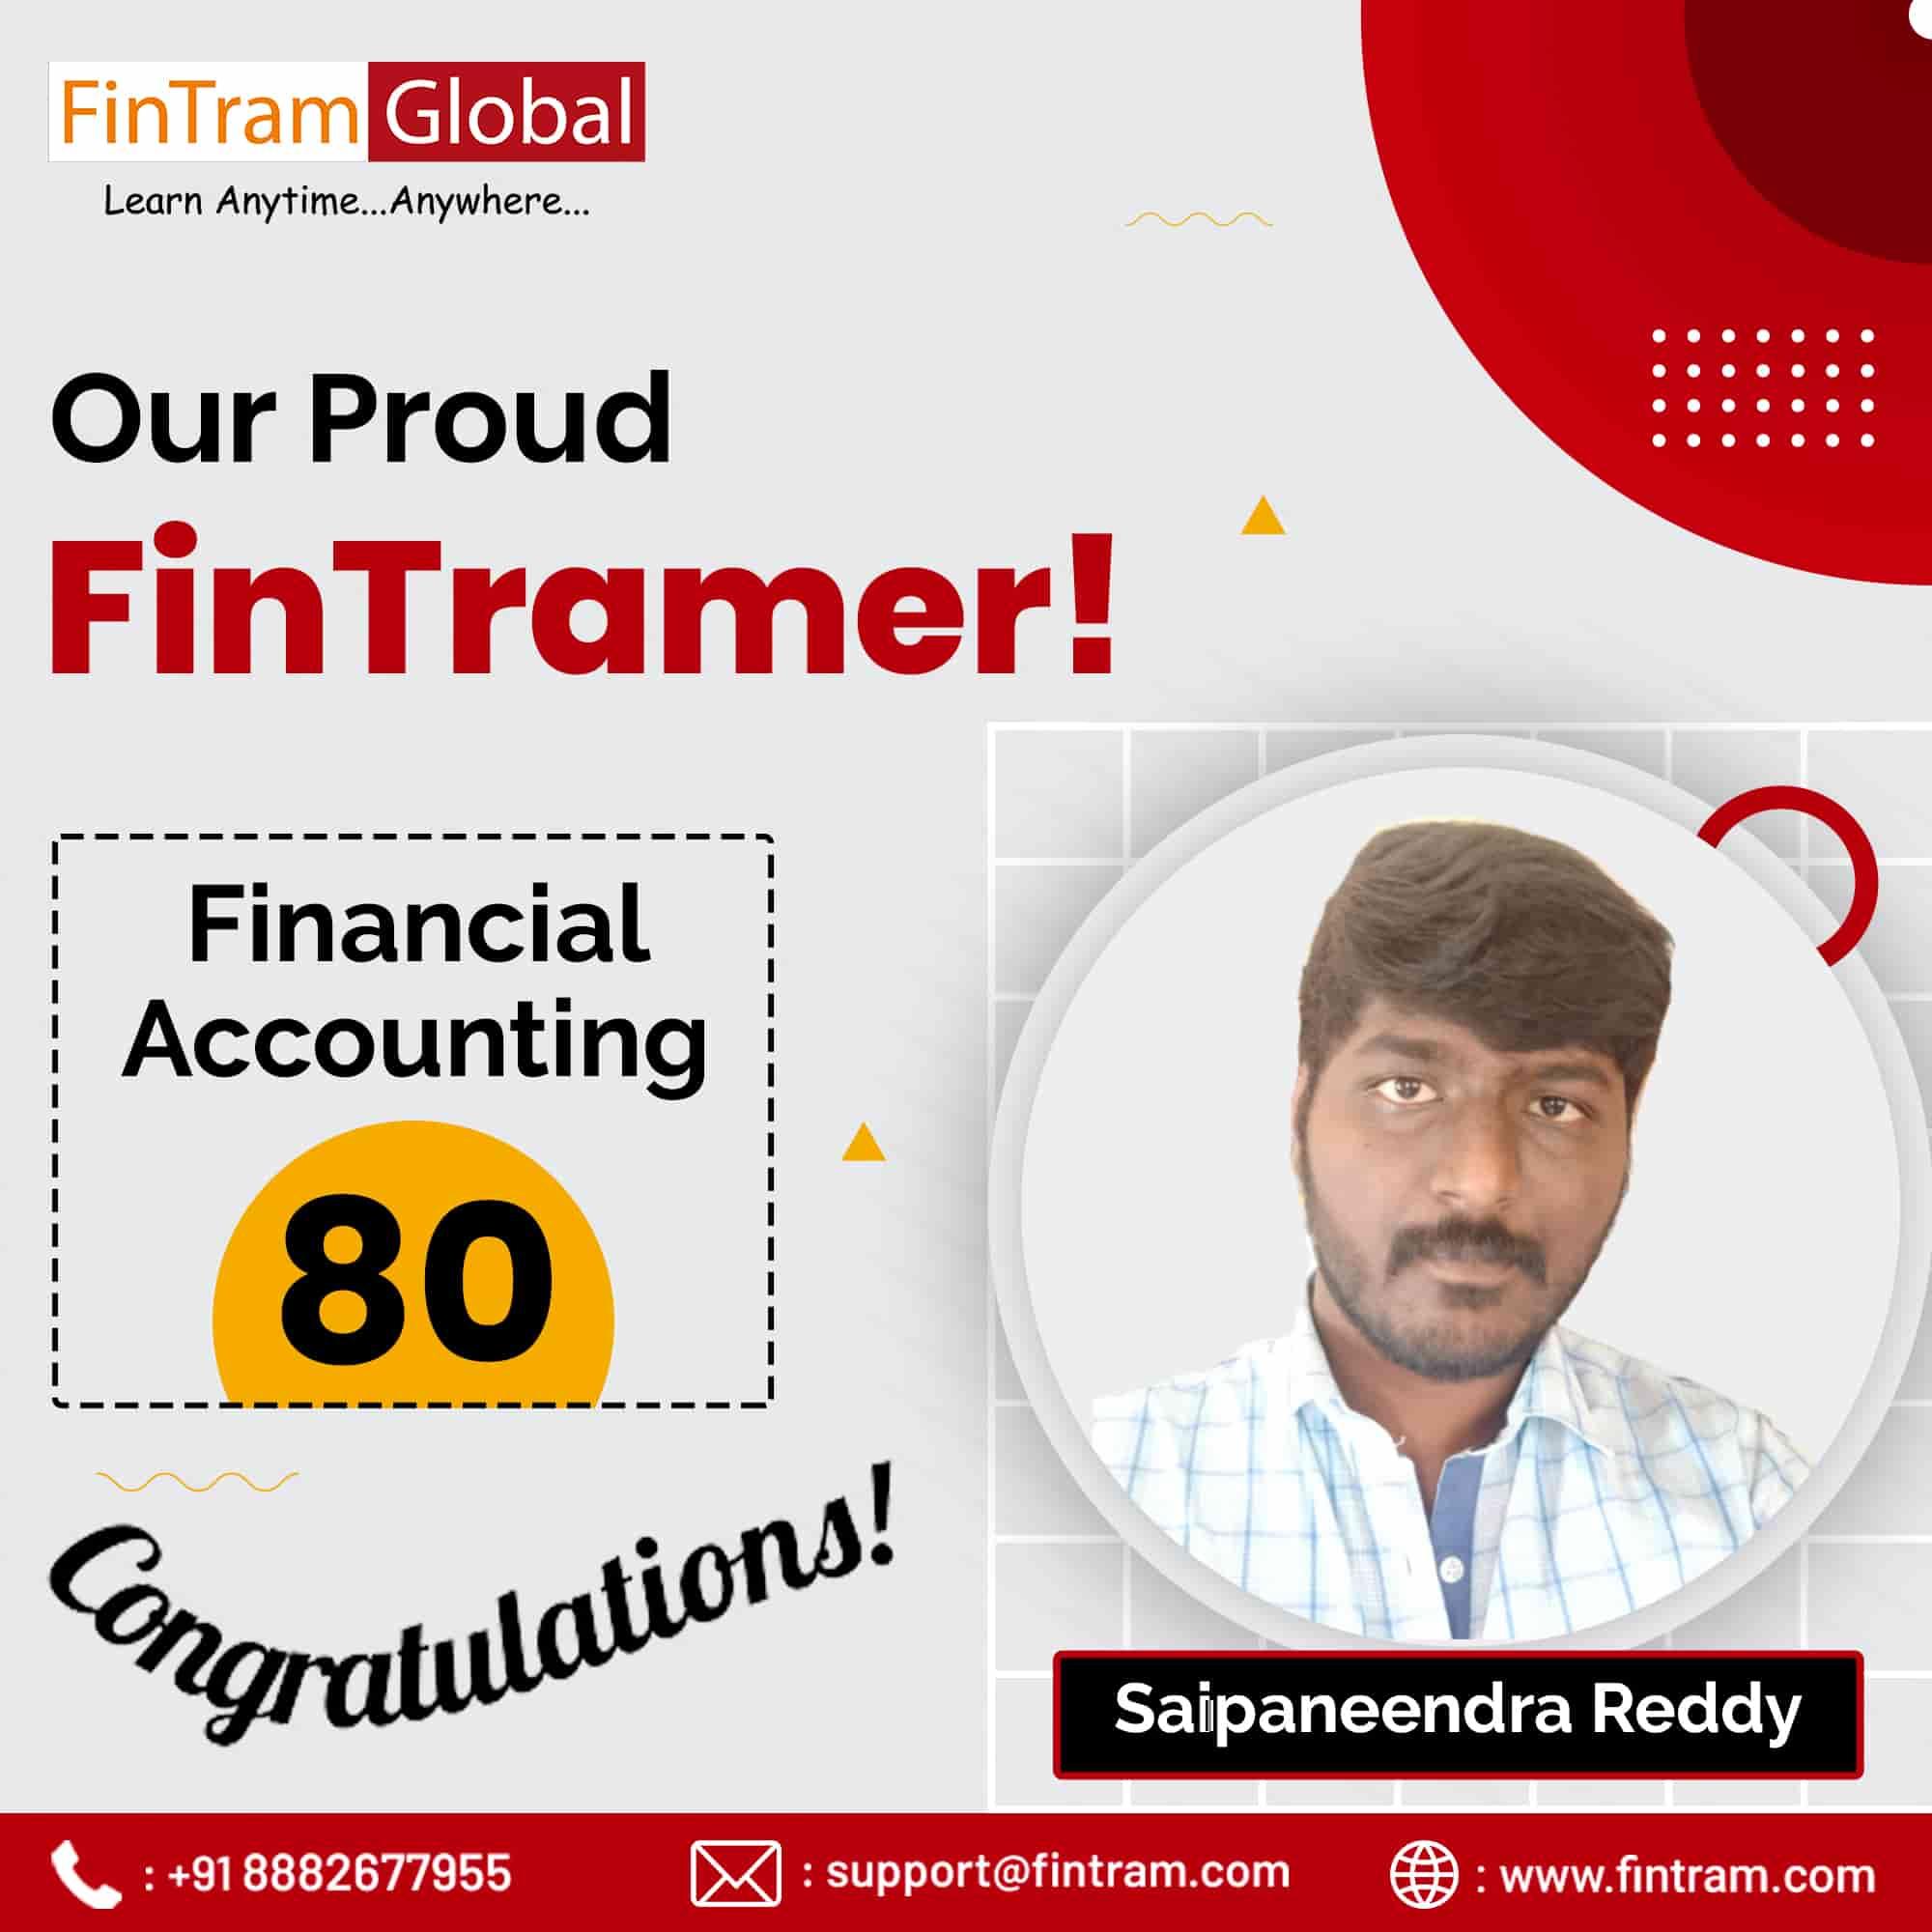 FinTram Global